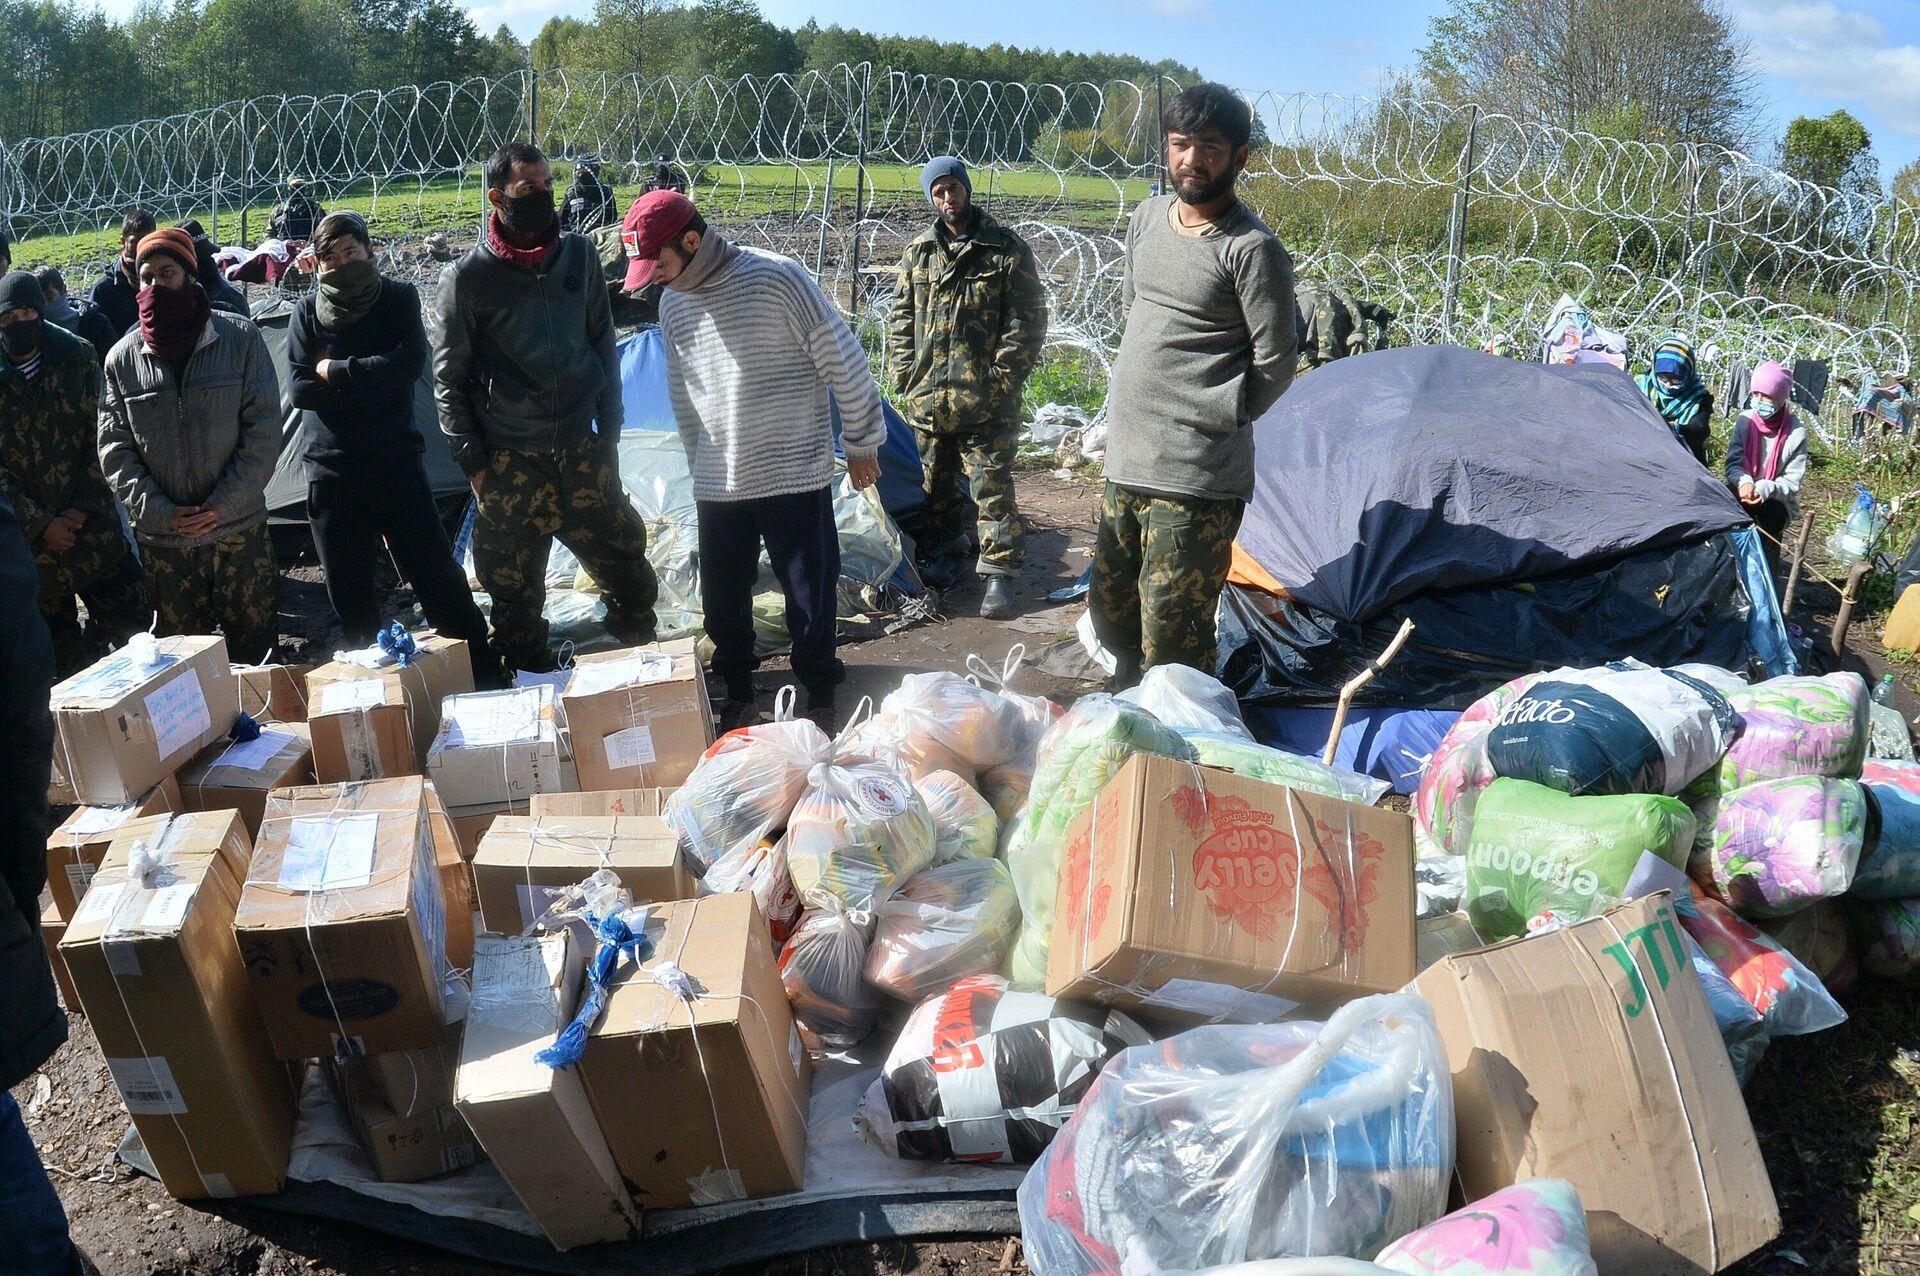 Мигранты периодически получают гуманитарную помощь. Многие из мужчин в военных бушлатах, переданных белорусскими пограничниками с наступлением холодов - Sputnik Беларусь, 1920, 30.09.2021